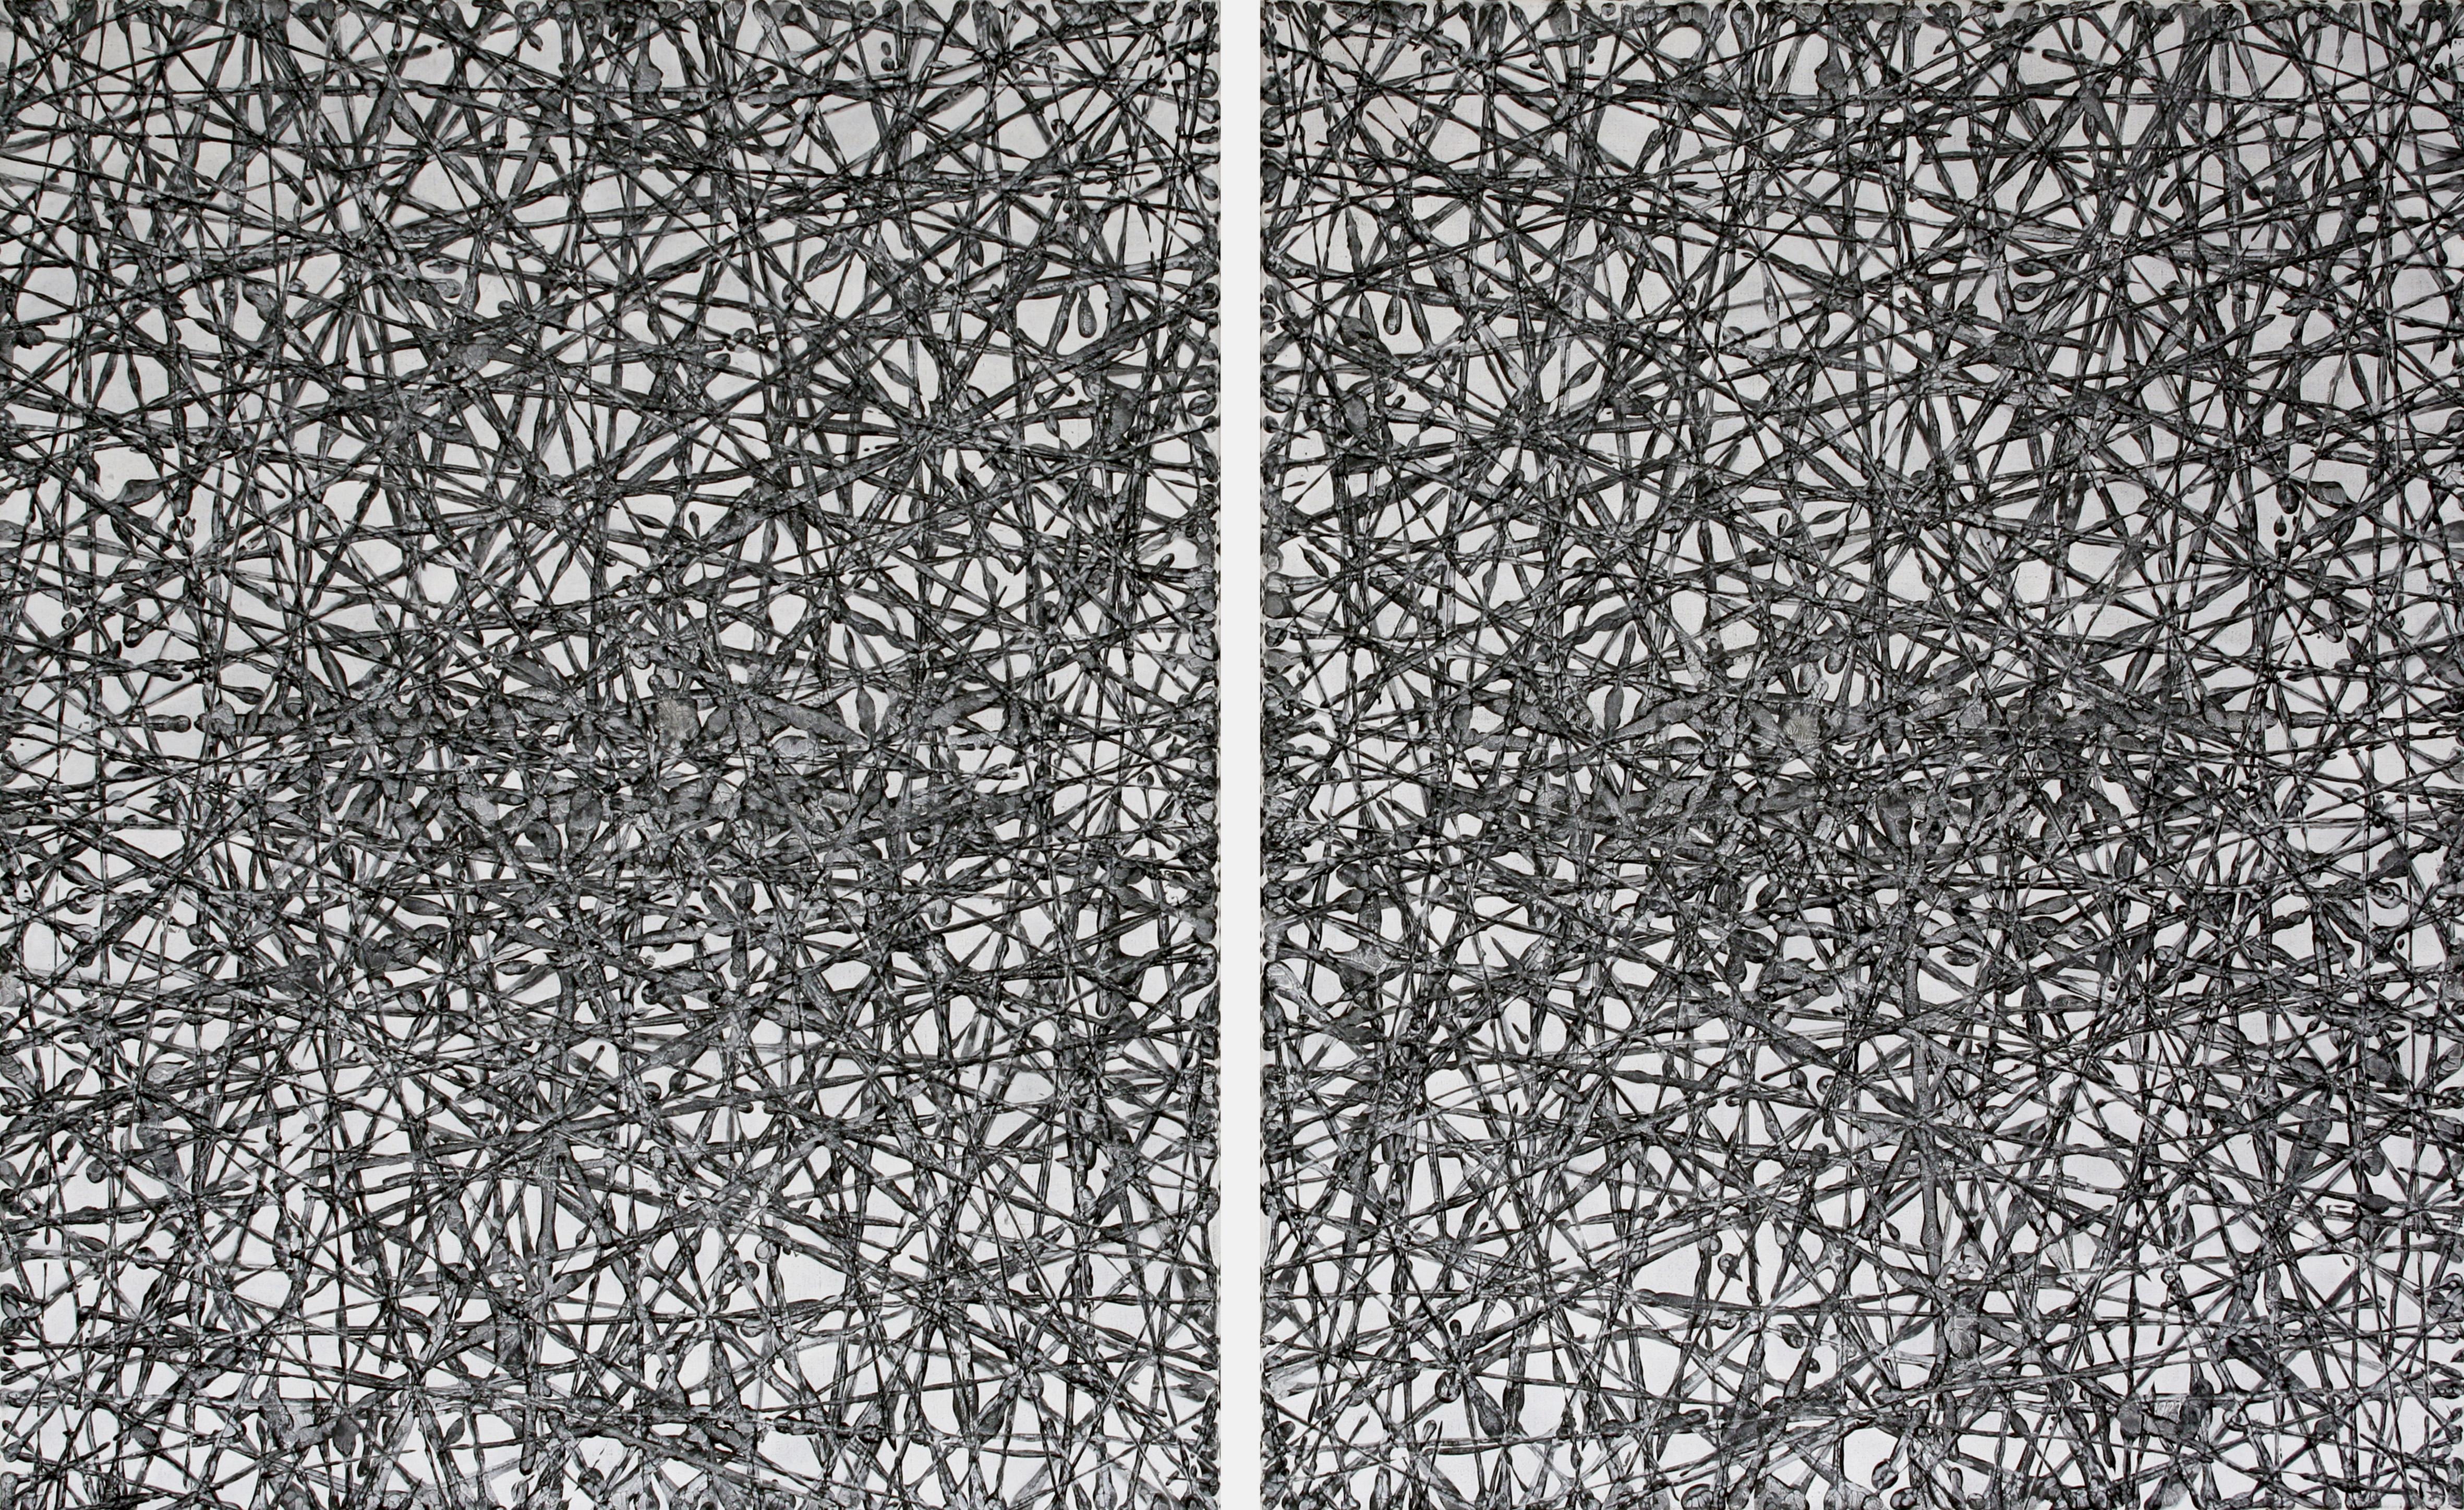 Frits Klaver-Tweeluik Strooilijnen IX 2015, 160x100cm copy